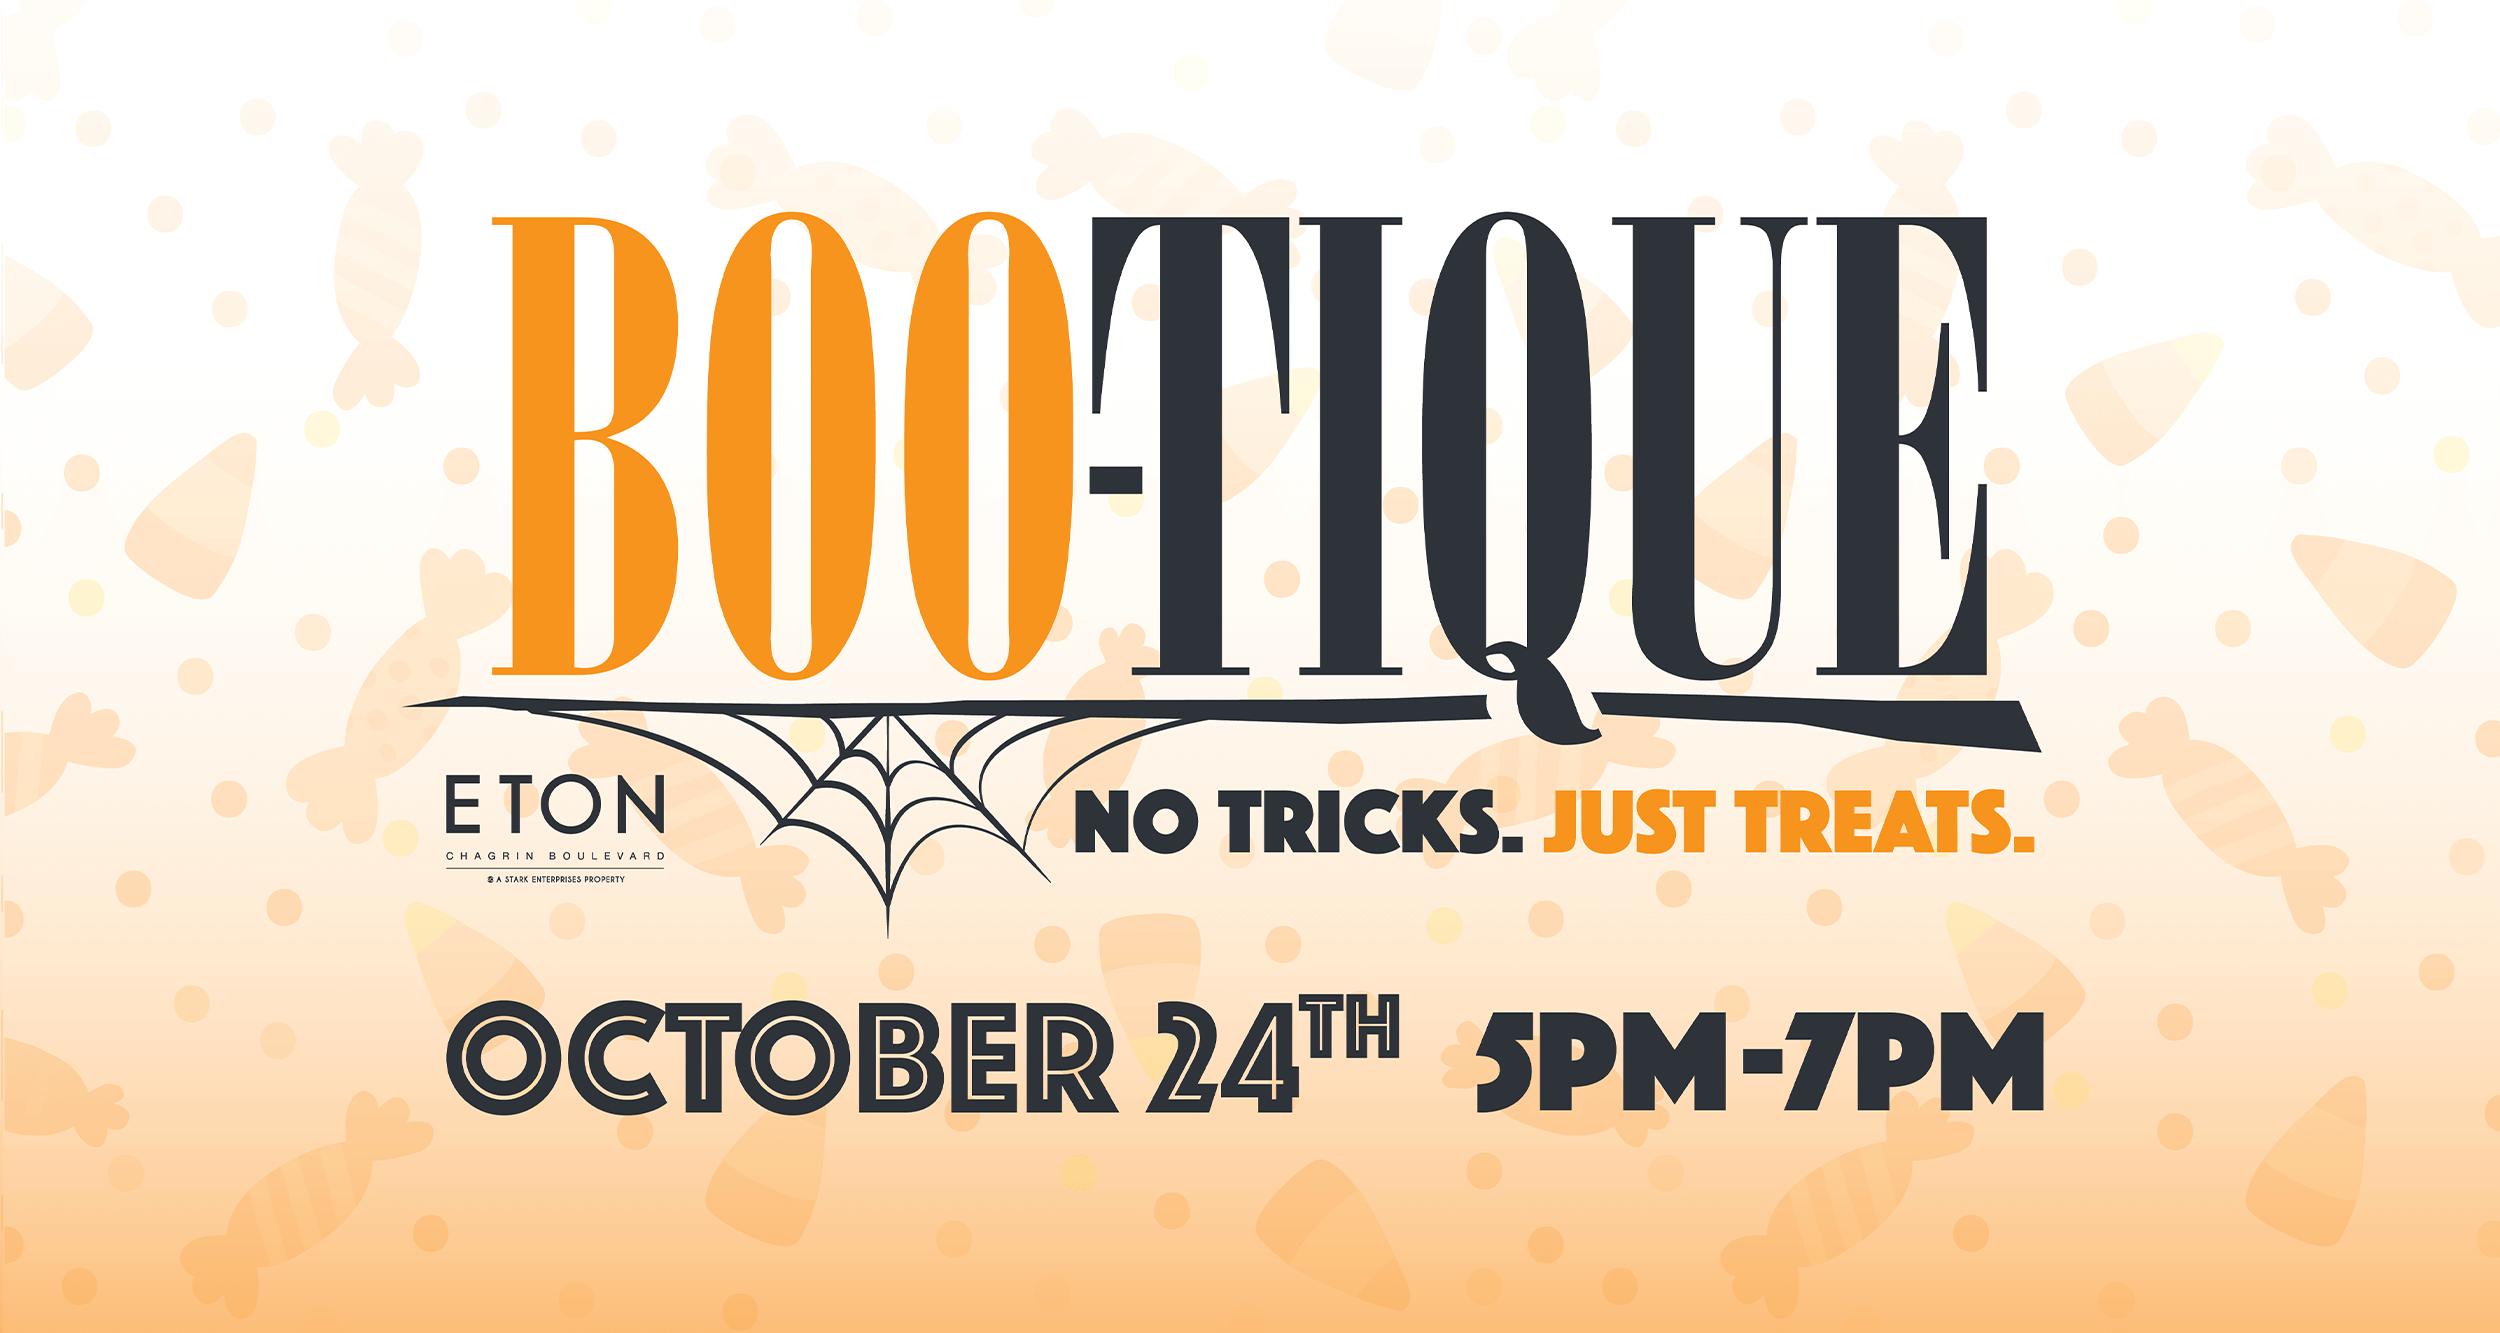 Halloween Boo-tique